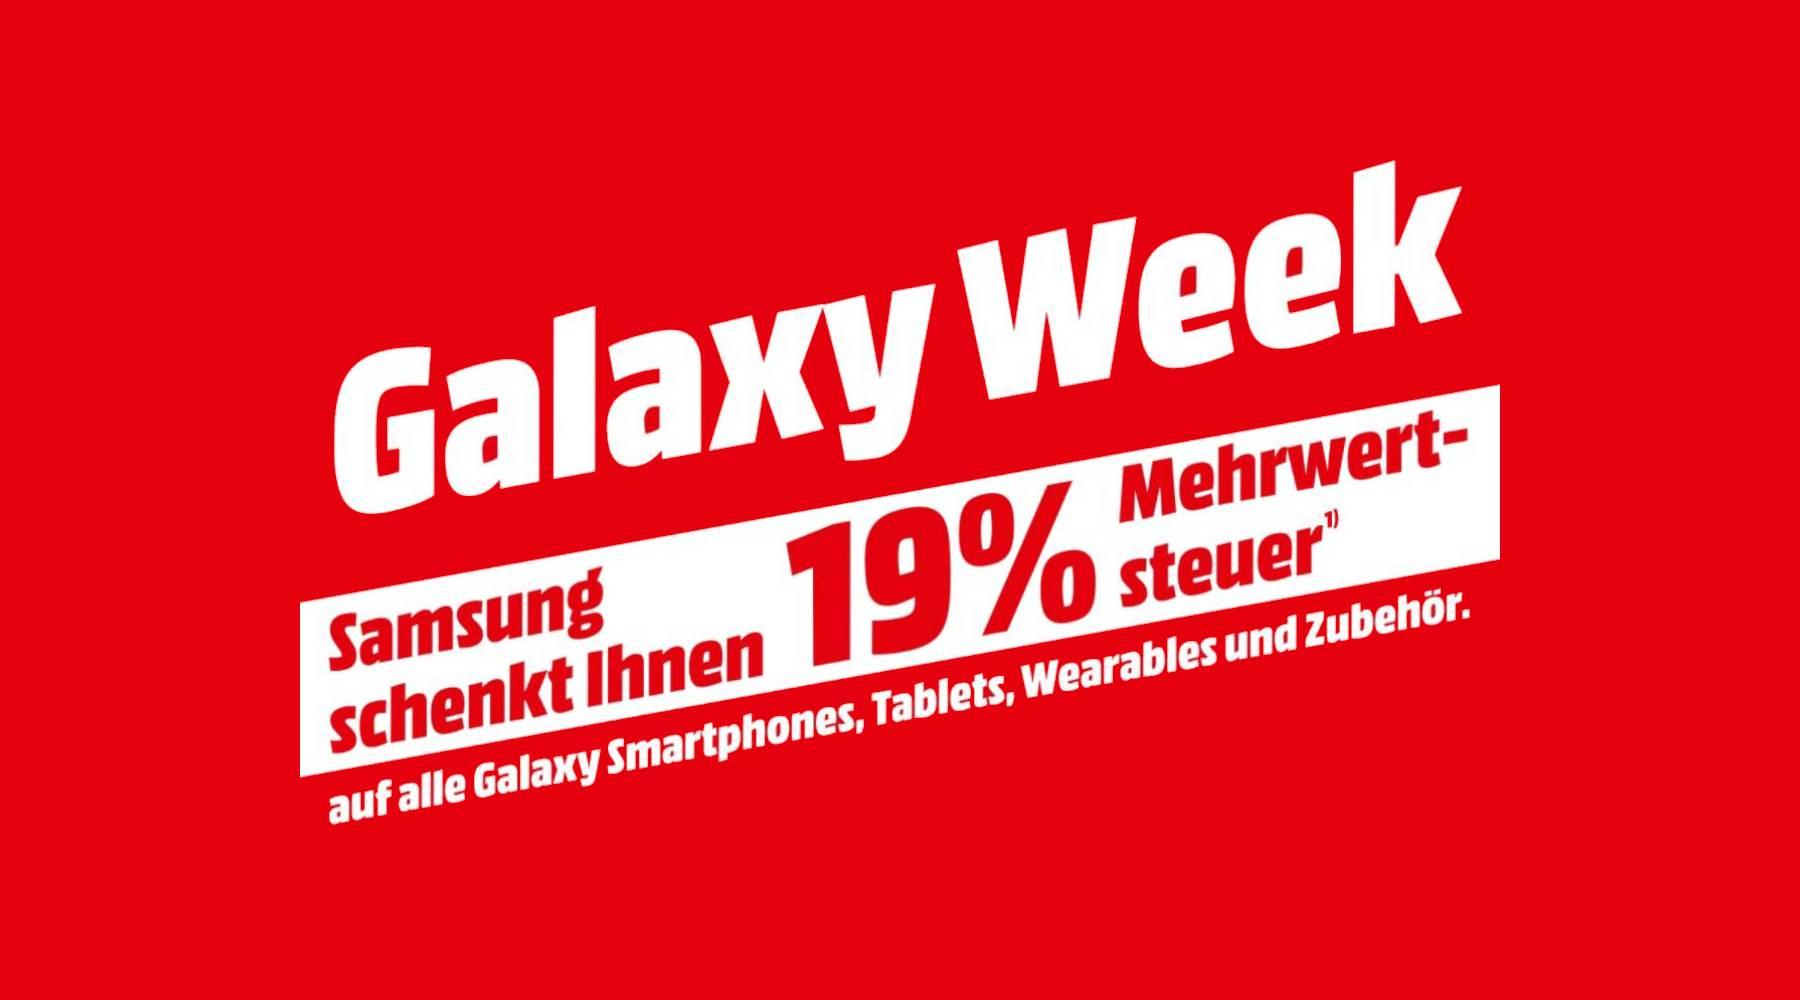 Samsung Galaxy Week 2020 Mediamarkt Saturn Aktion